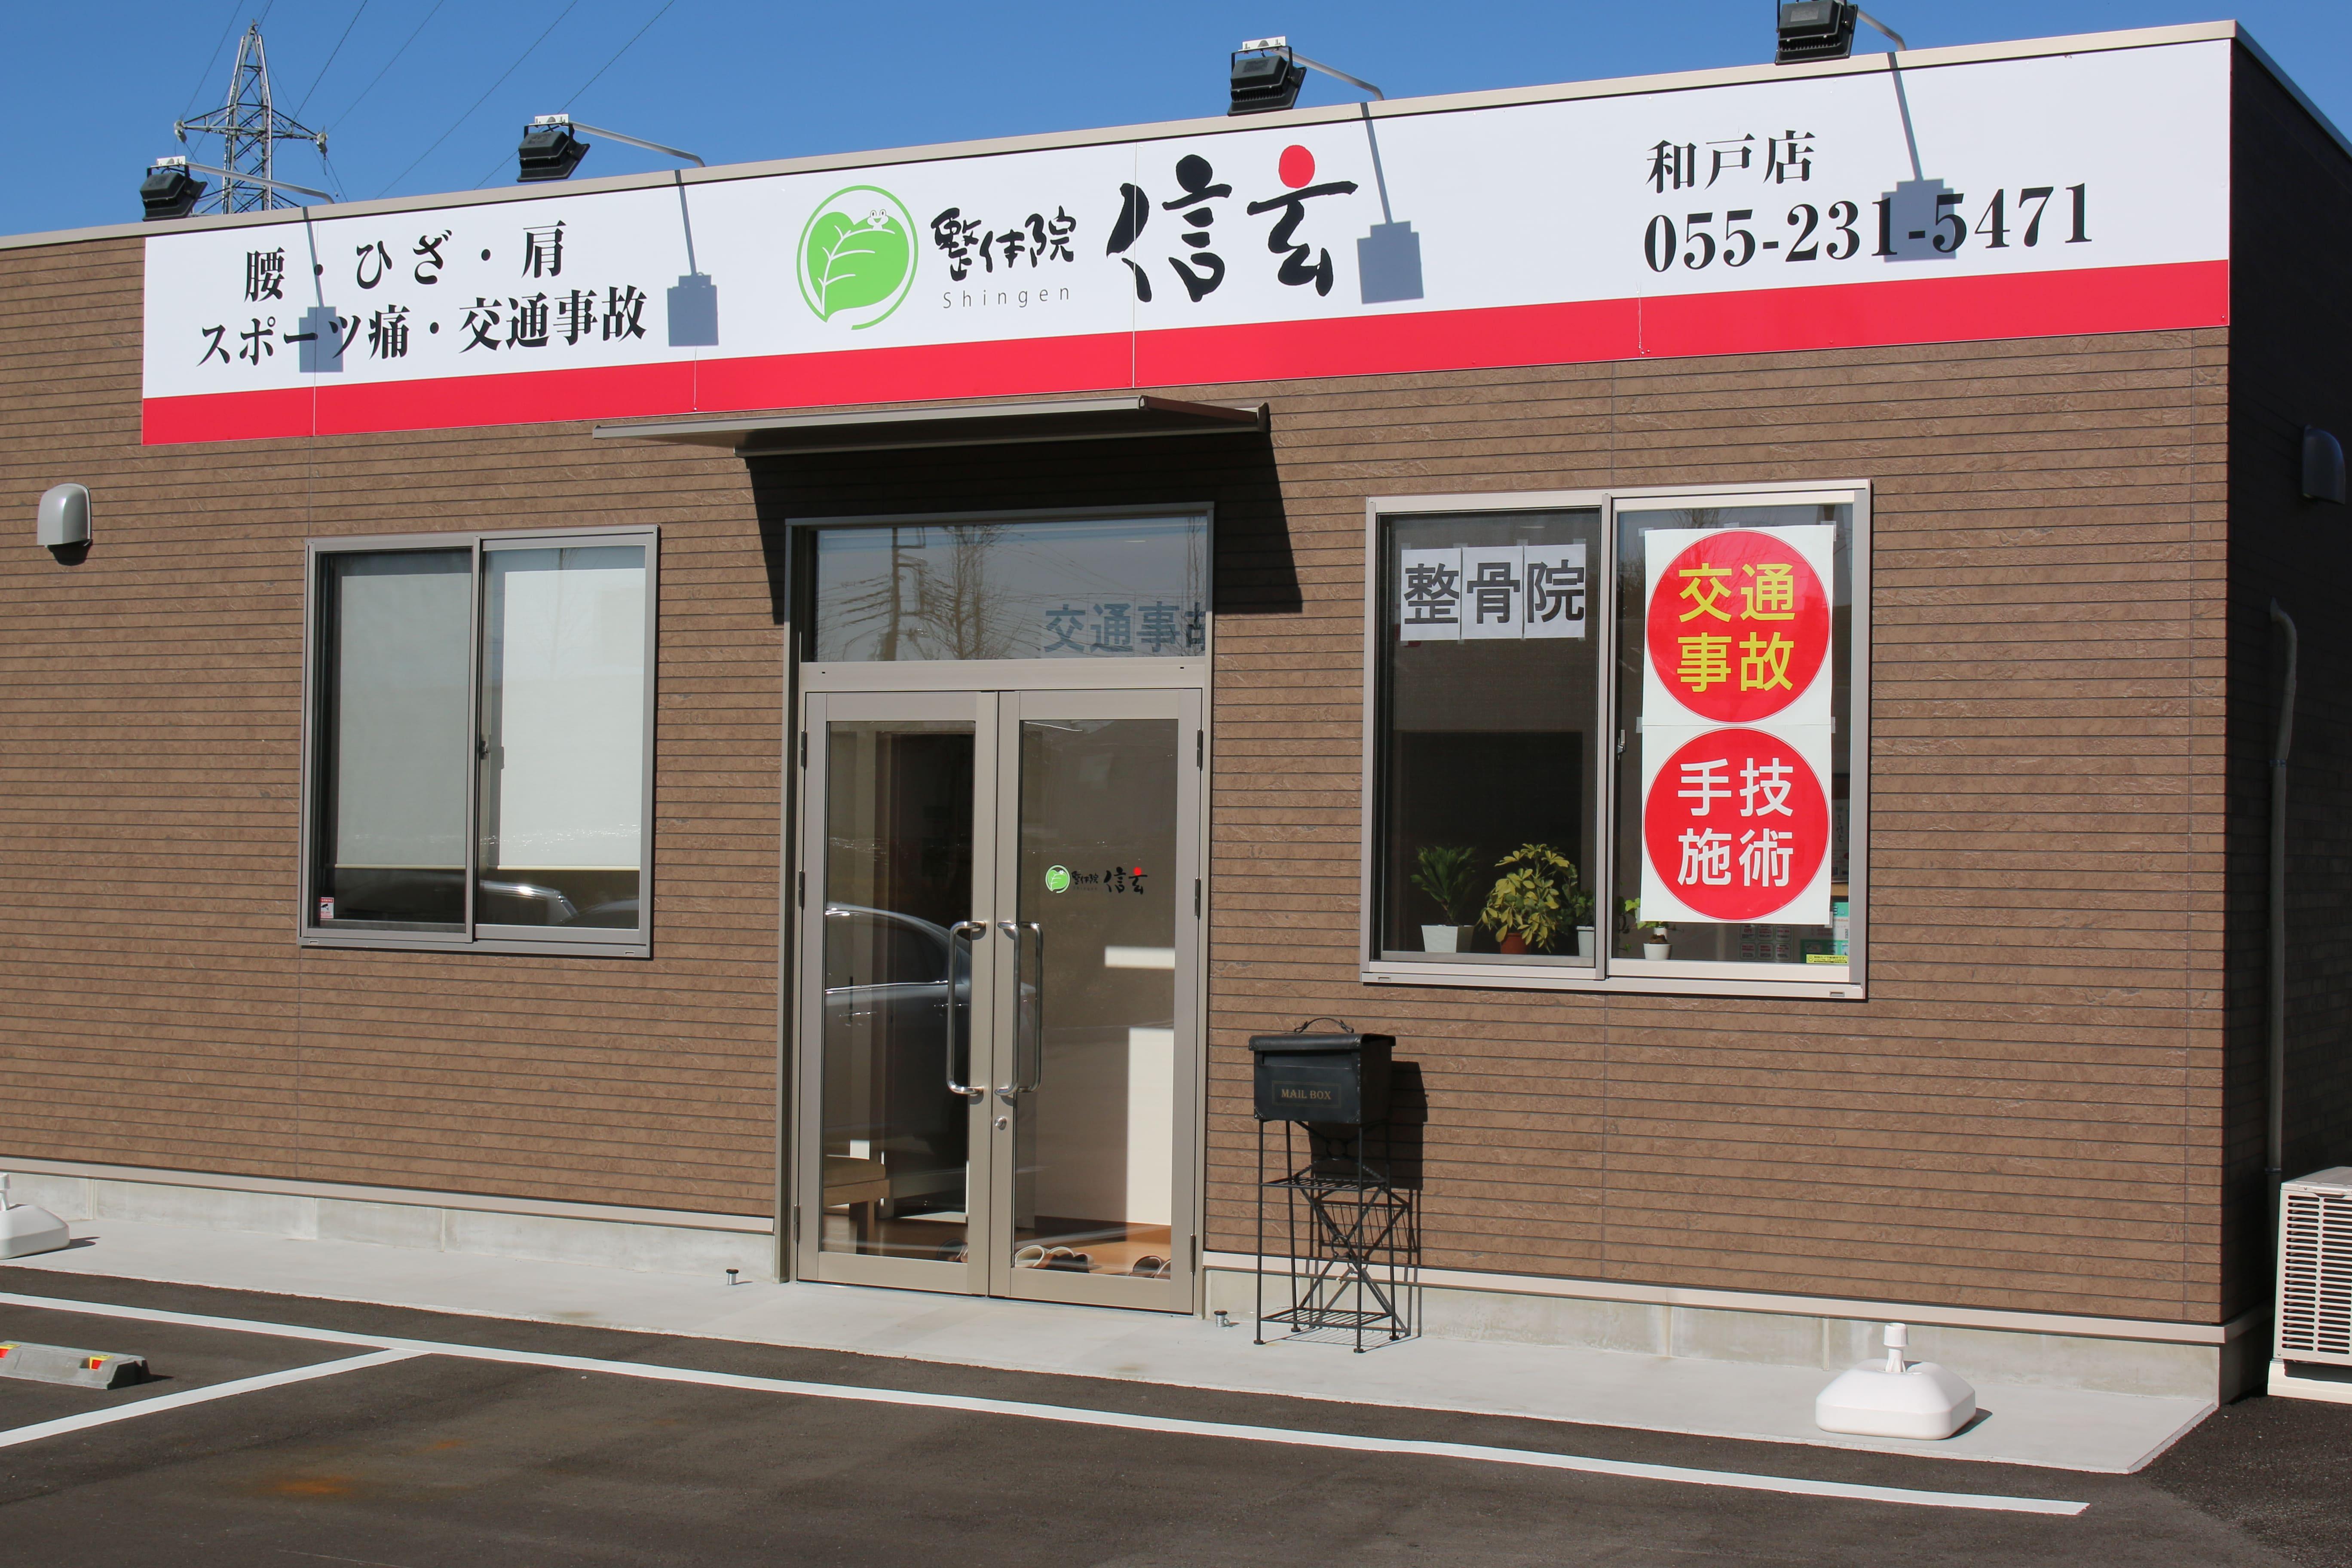 和戸店の外観です